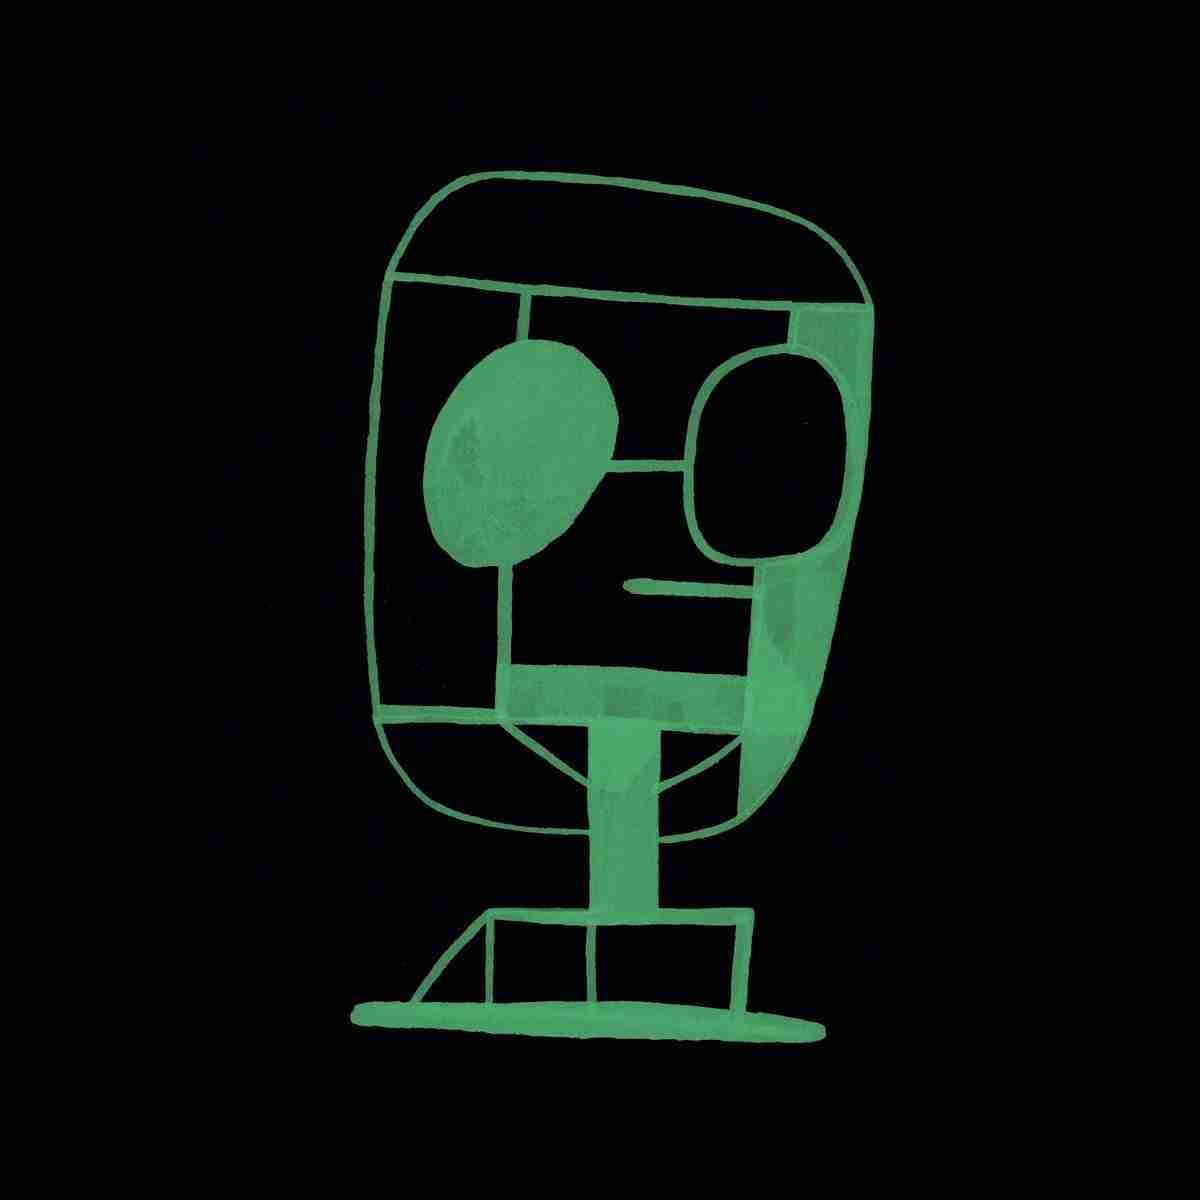 Calibre-Horange-Underground-Dance-Music